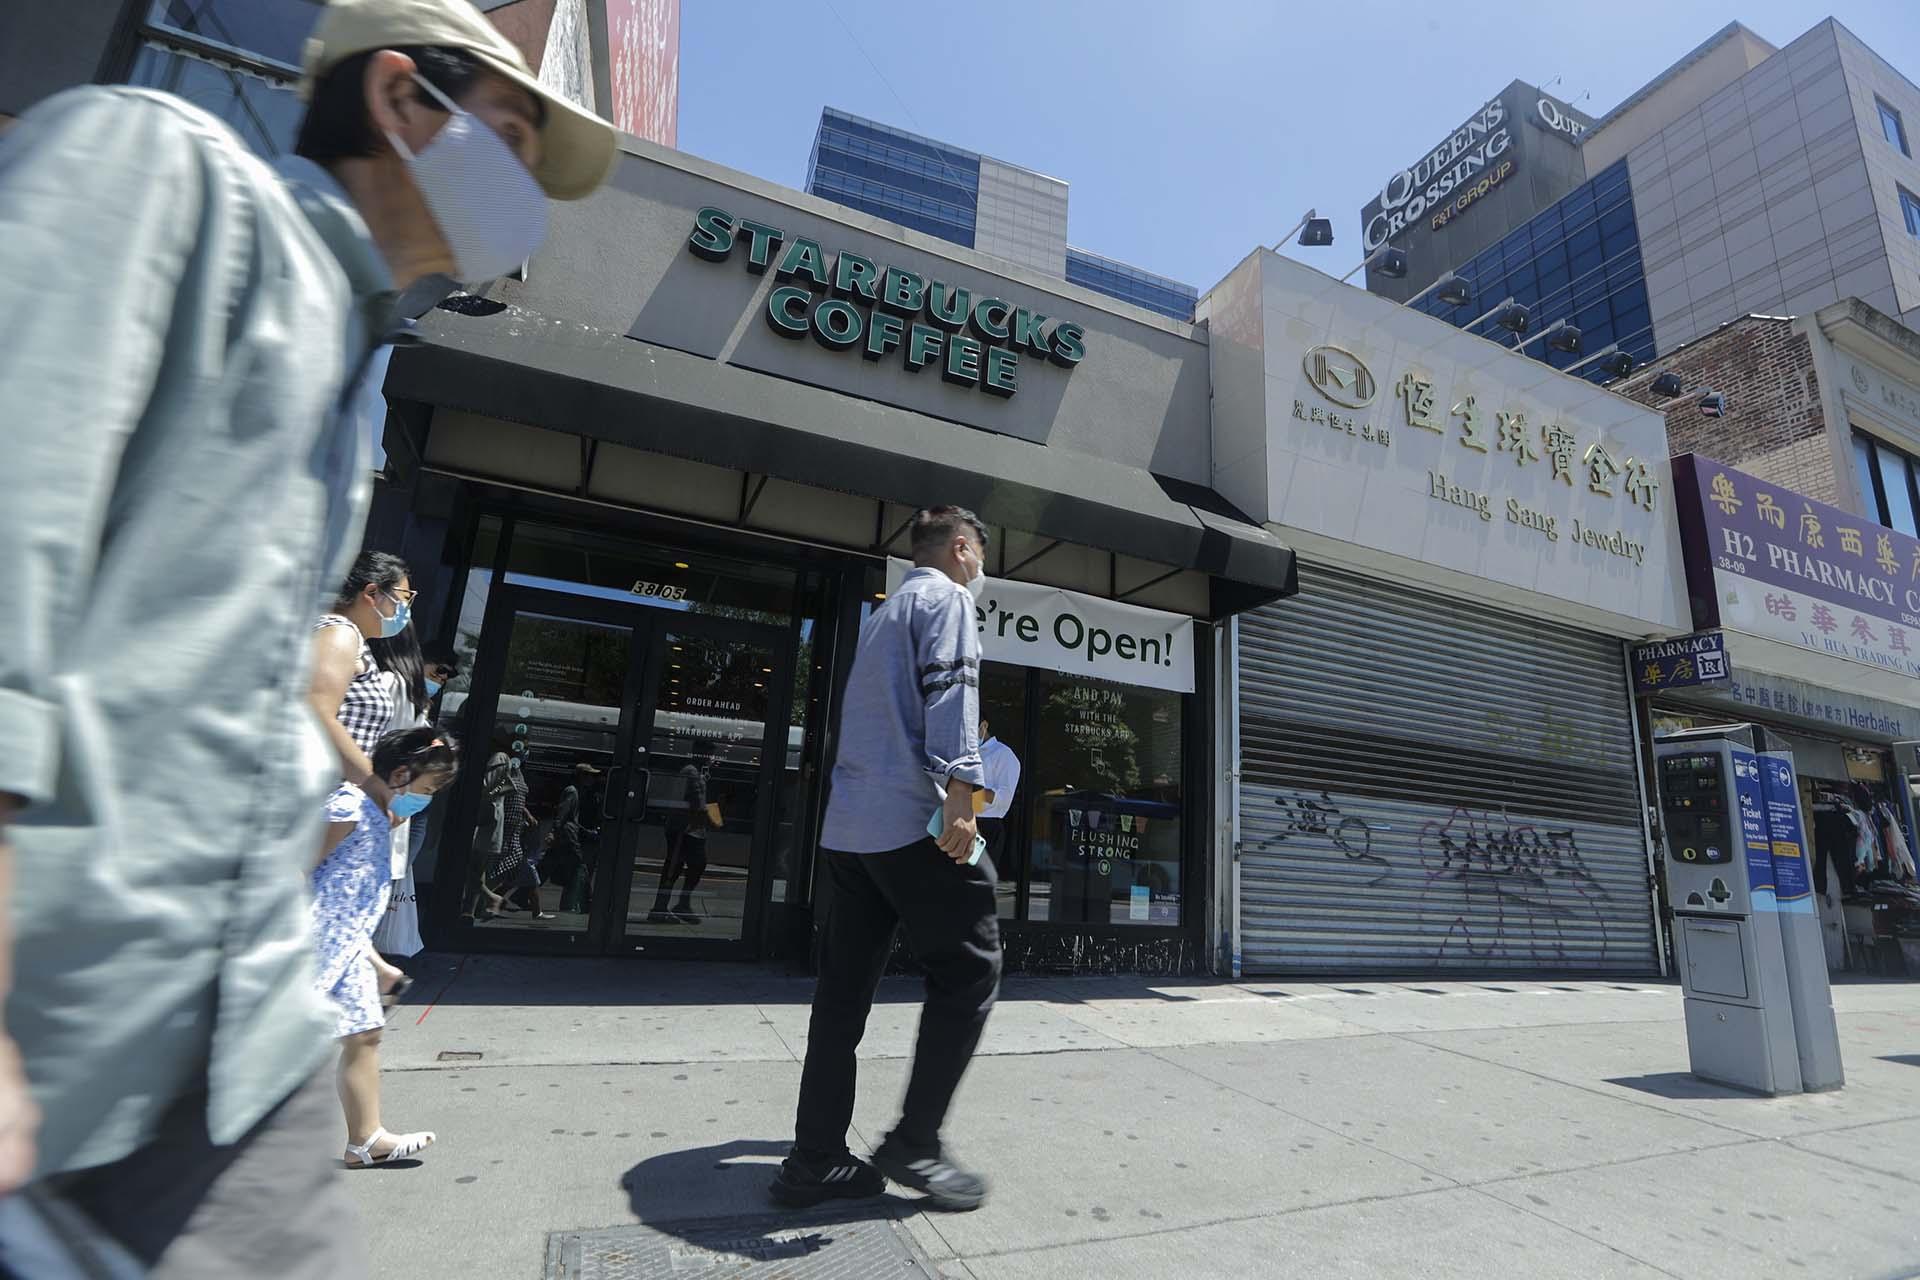 Una calle comercial de Queens, donde los negocios comenzaron a reabrir este lunes después de dos meses